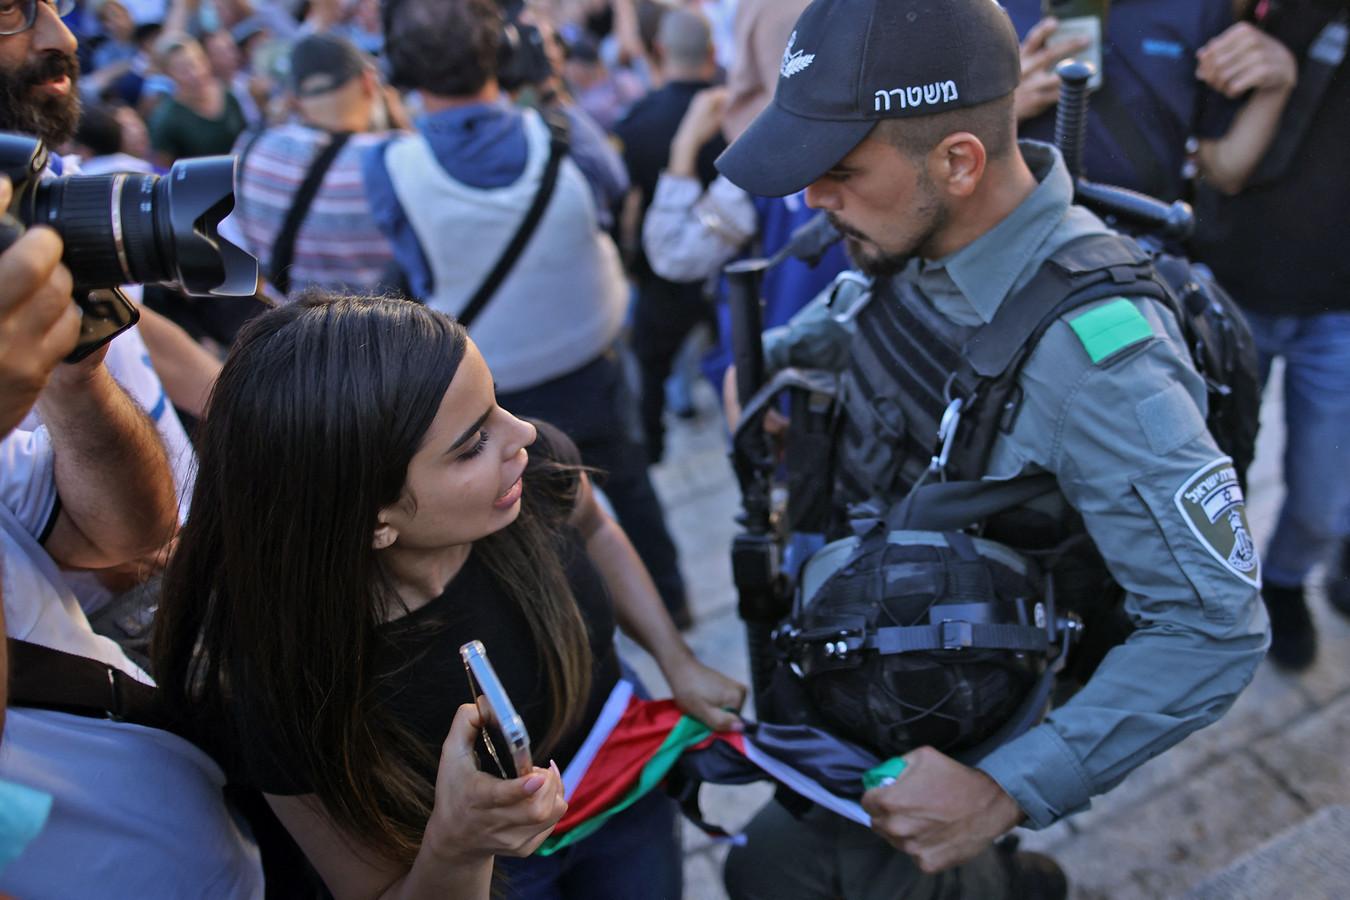 Een Israëlische agent probeert een Palestijnse vlag van een vrouw af te nemen tijdens de vlaggenmars.